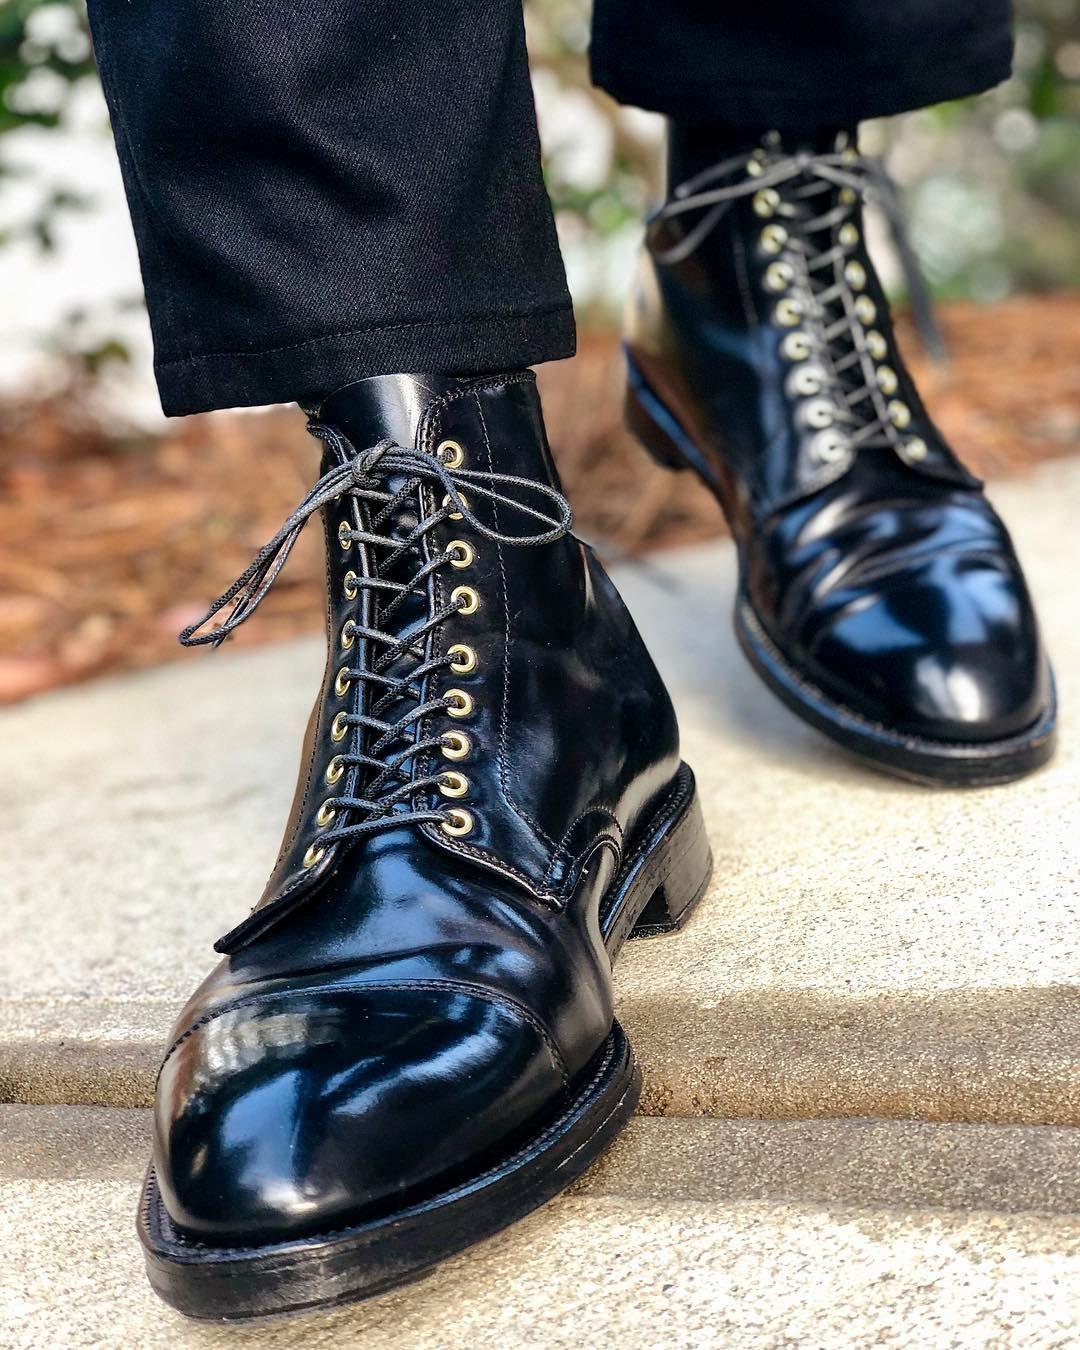 Alden Men's 4065 - Cap Toe Boot - Black